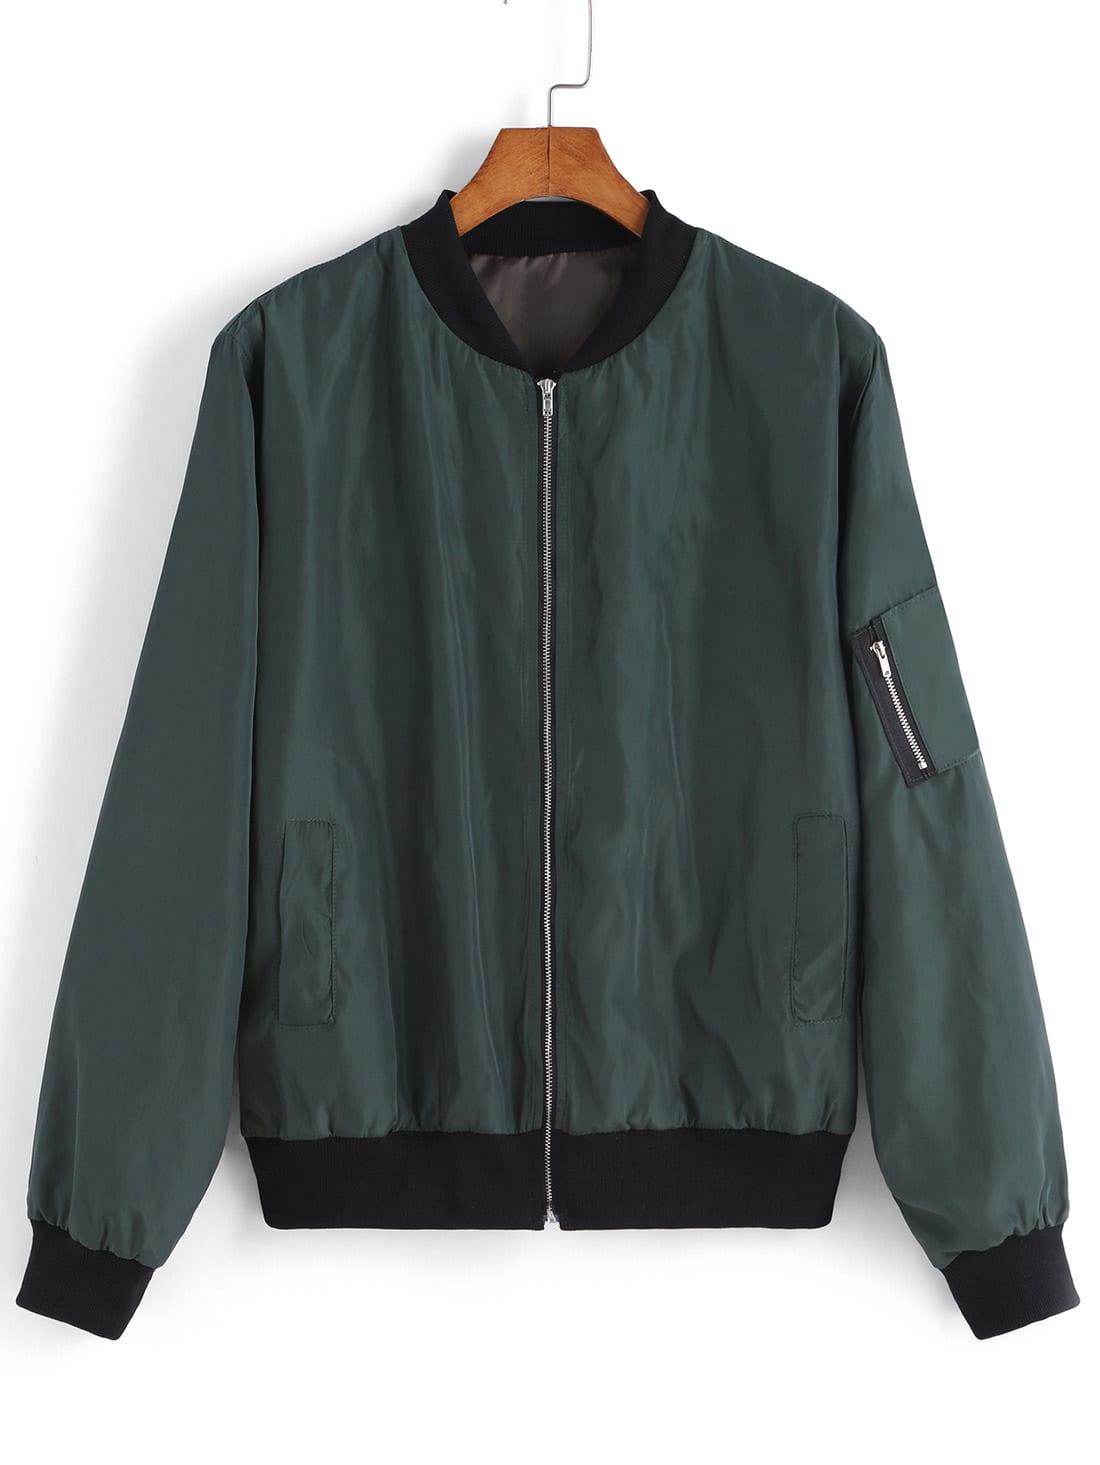 Green Stand Collar Zipper Jacket Shein Sheinside